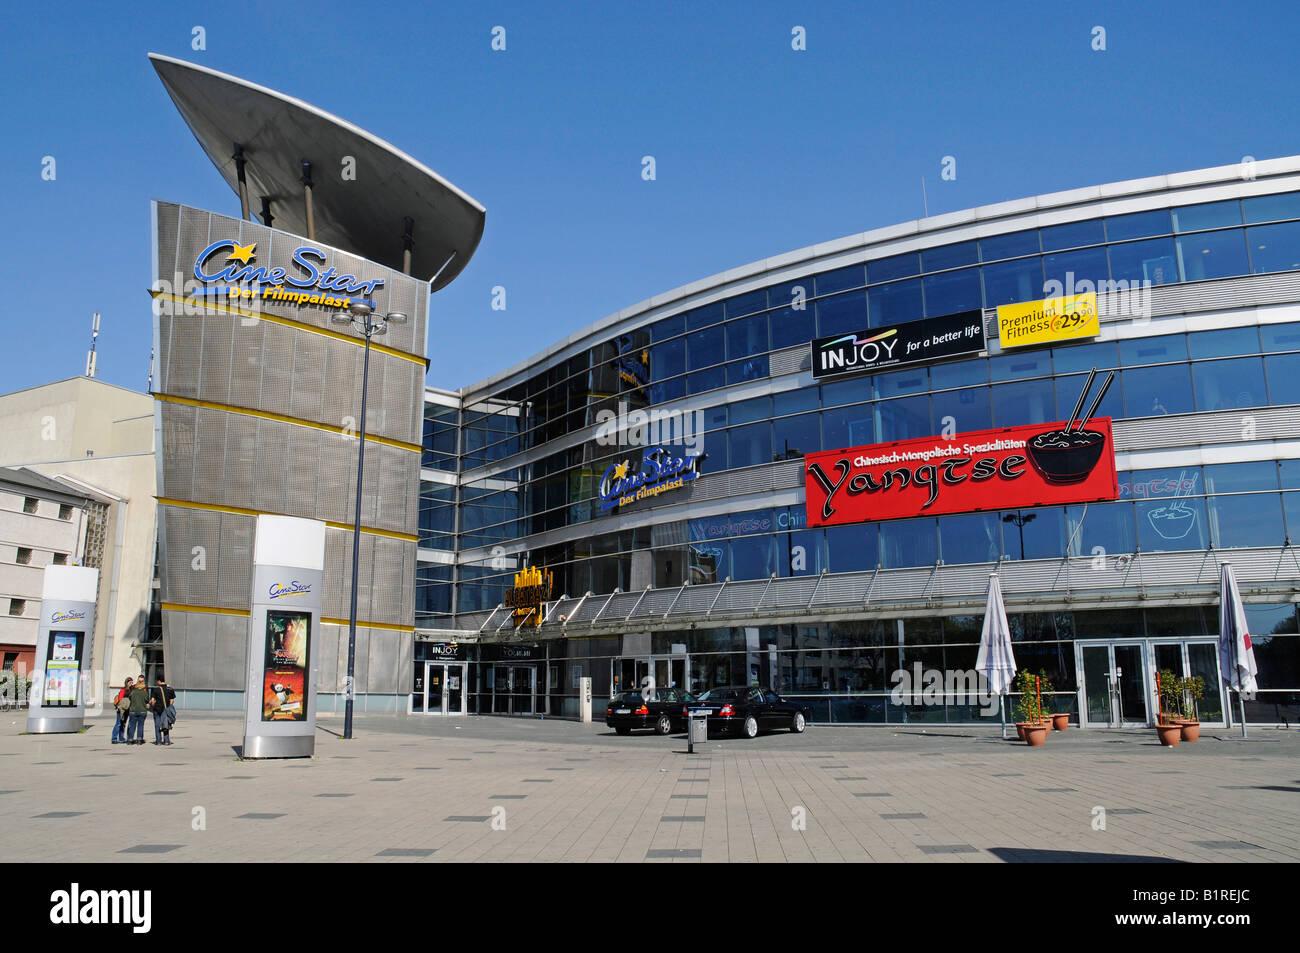 Estrellas de cine multiplex cinema en Dortmund, Renania del Norte-Westfalia, Alemania, Europa Imagen De Stock